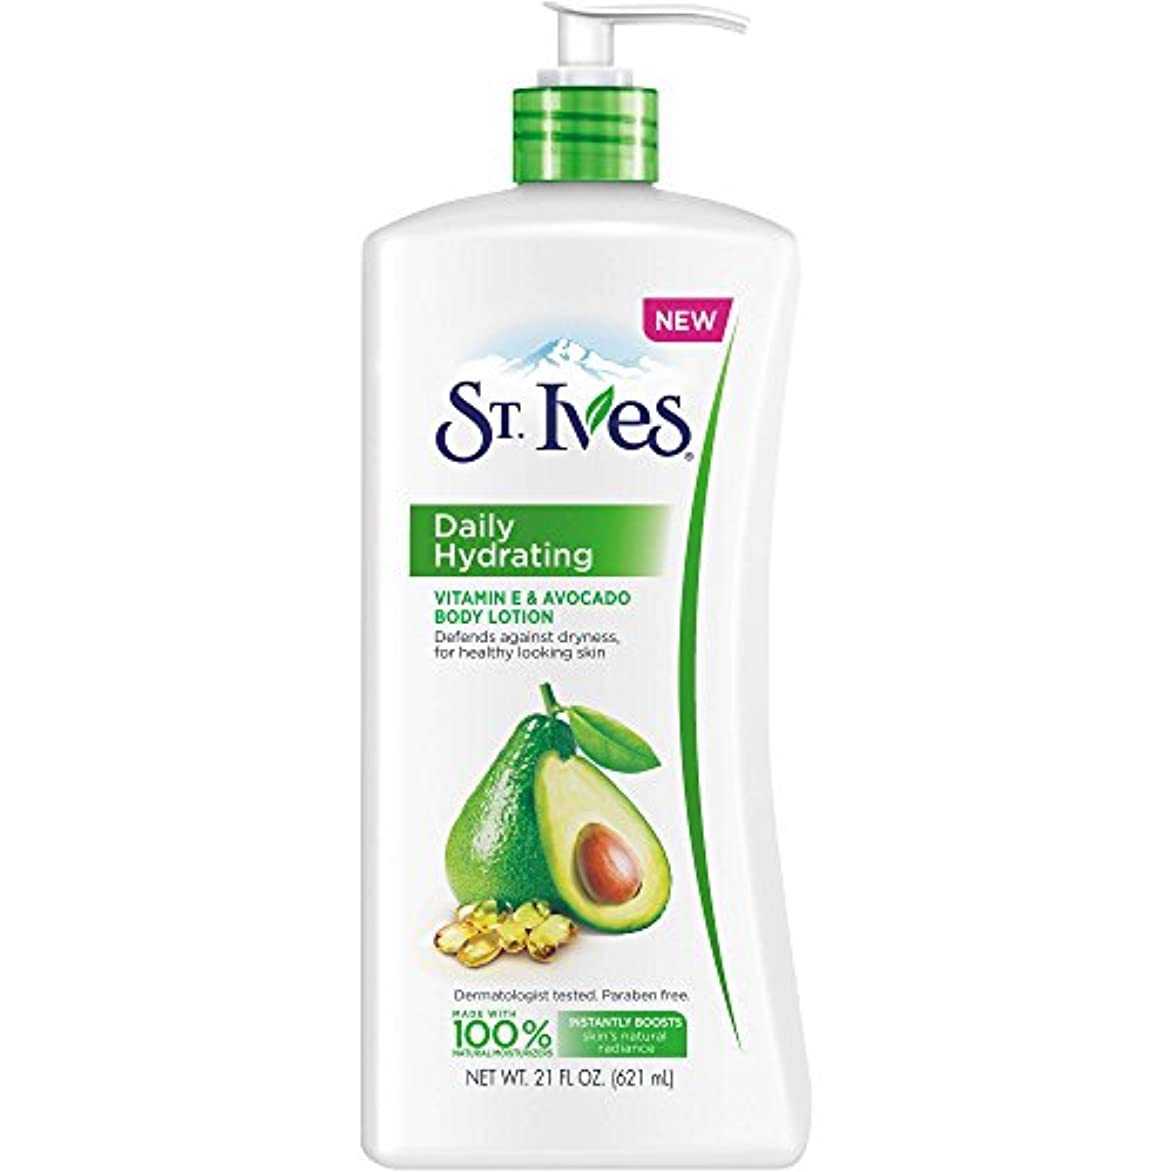 専門化する小競り合い品種St. Ives Daily Hydrating Vitamin E and Avocado Body Lotion [並行輸入品]